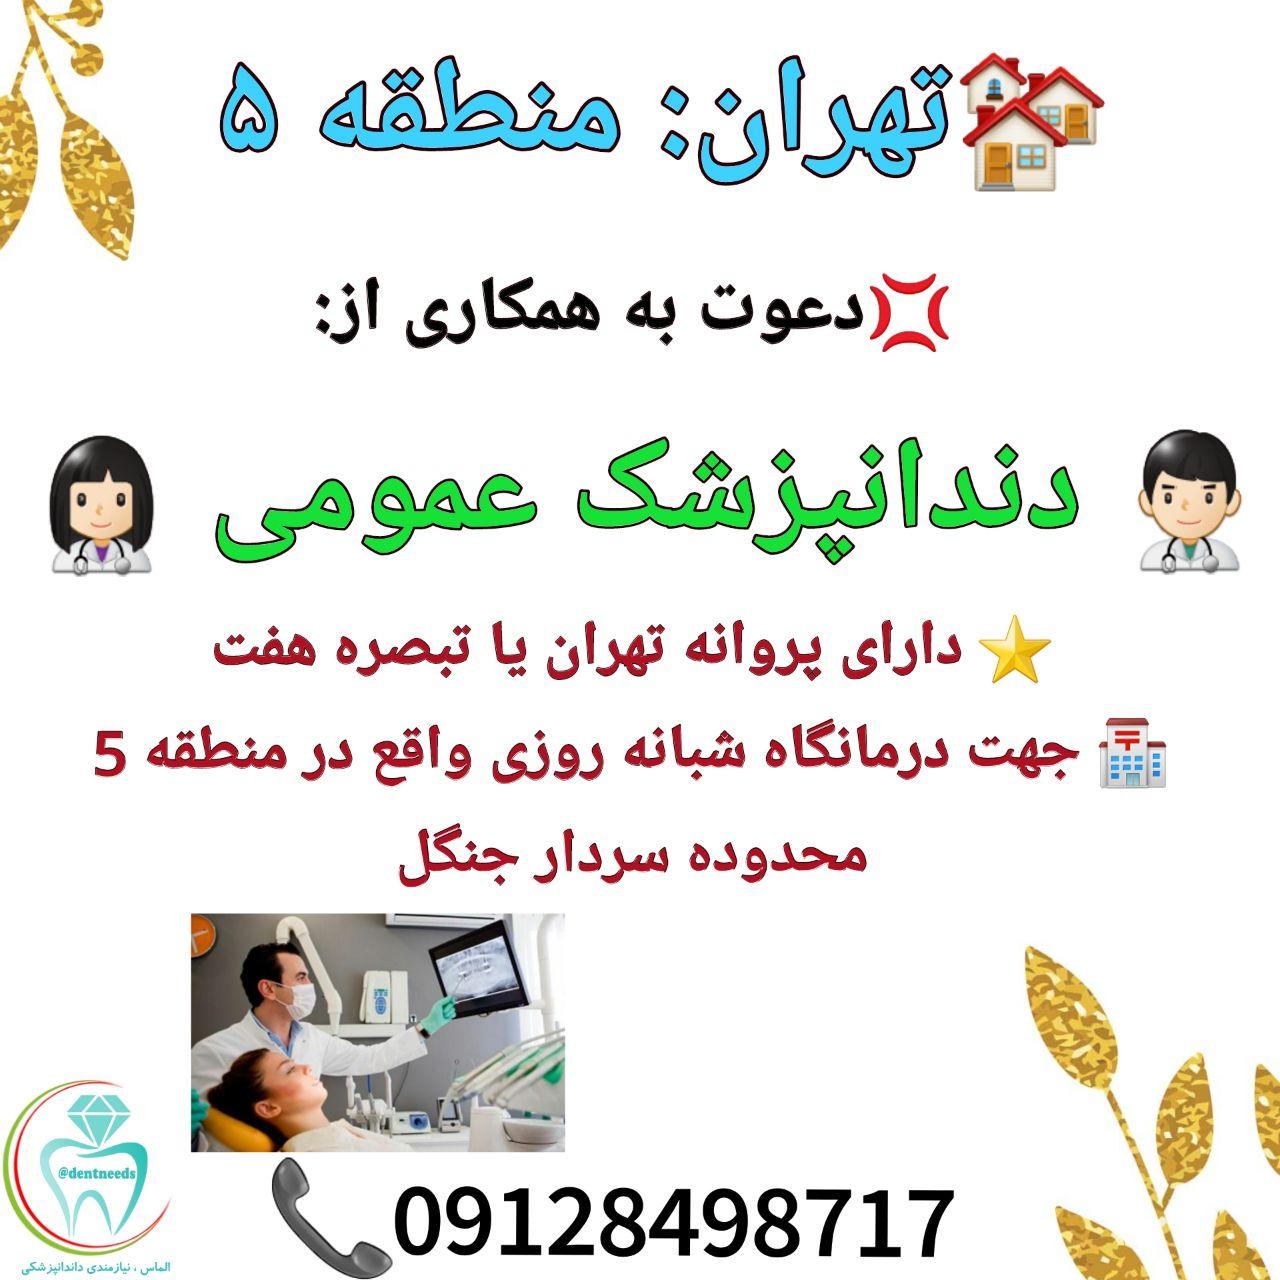 تهران: منطقه ۵، نیاز به دندانپزشک عمومی